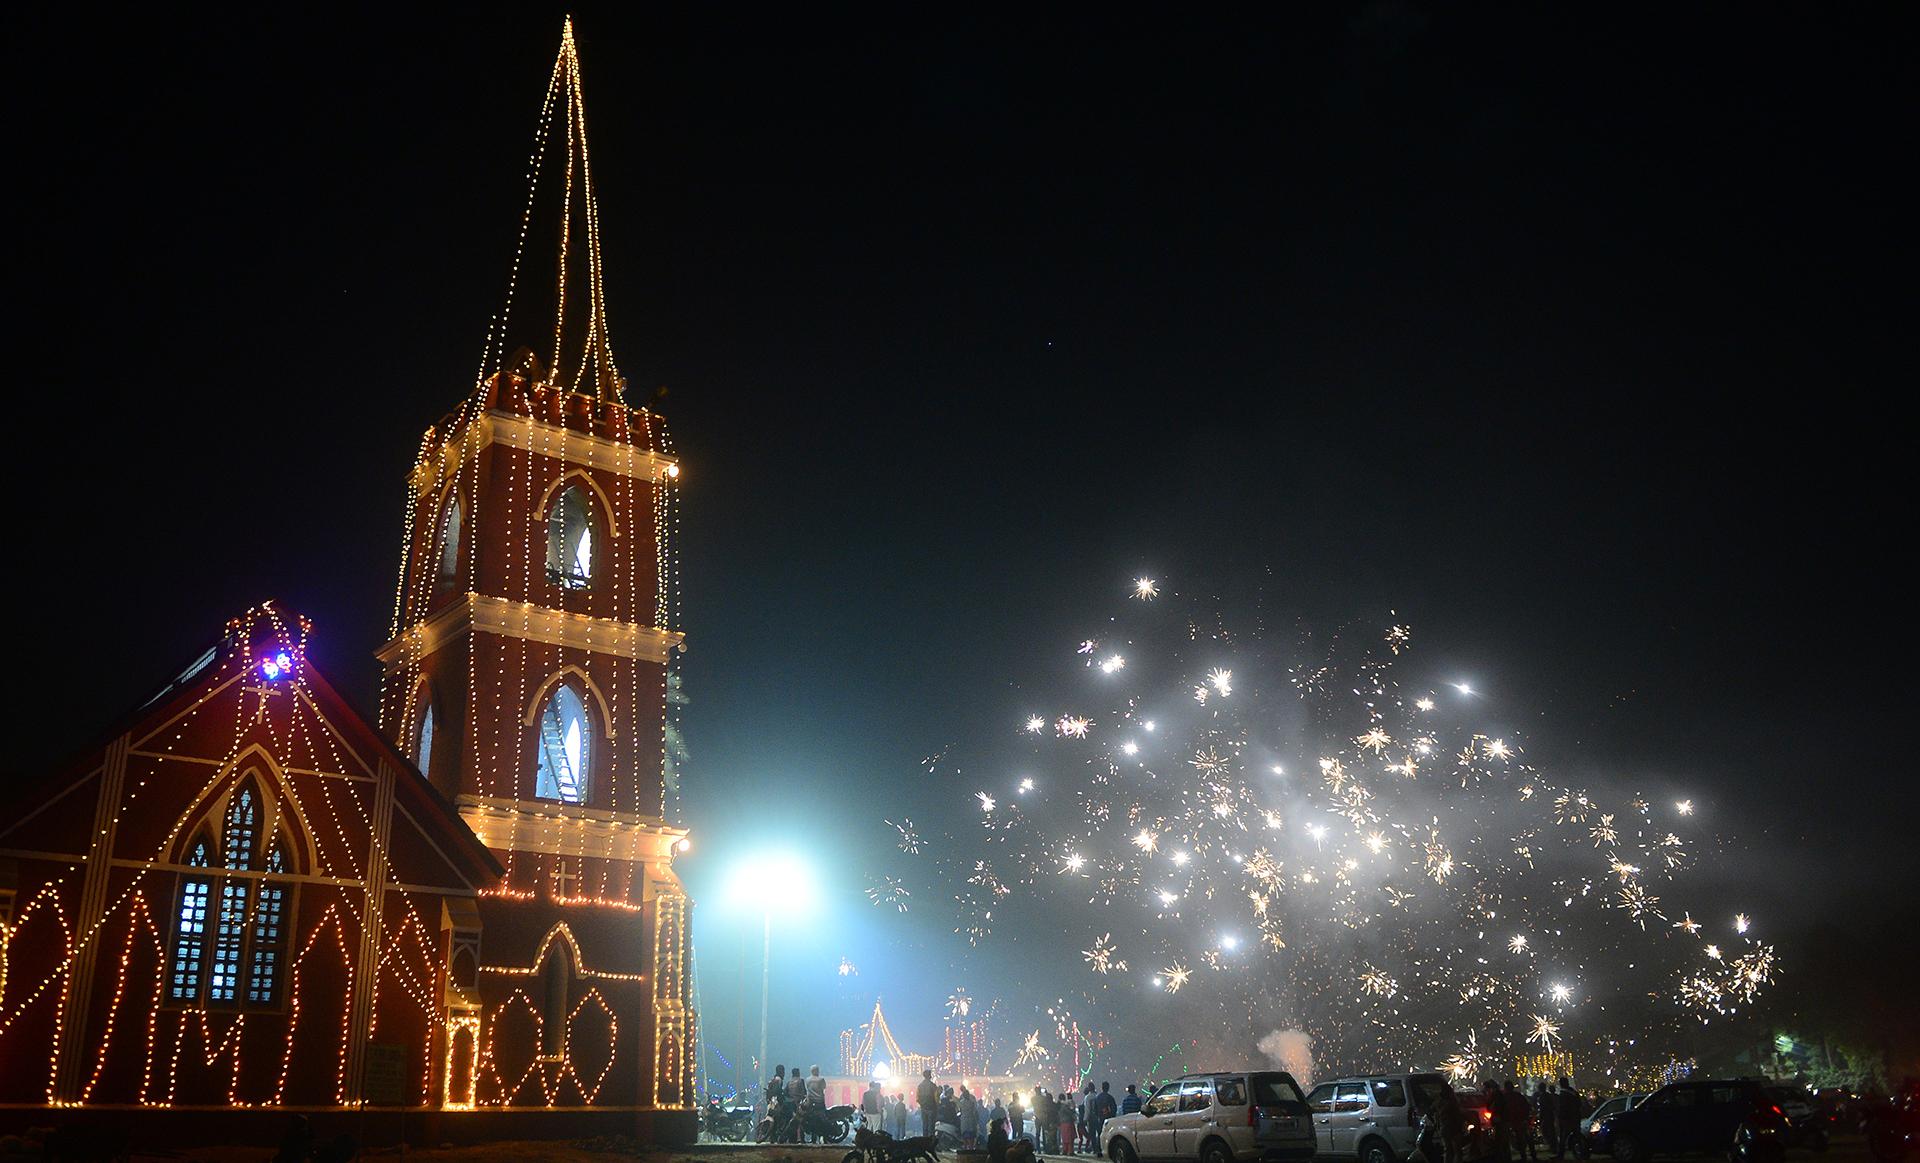 Devotos cristianos celebran su Navidad en la ciudad de Allahabad, en India